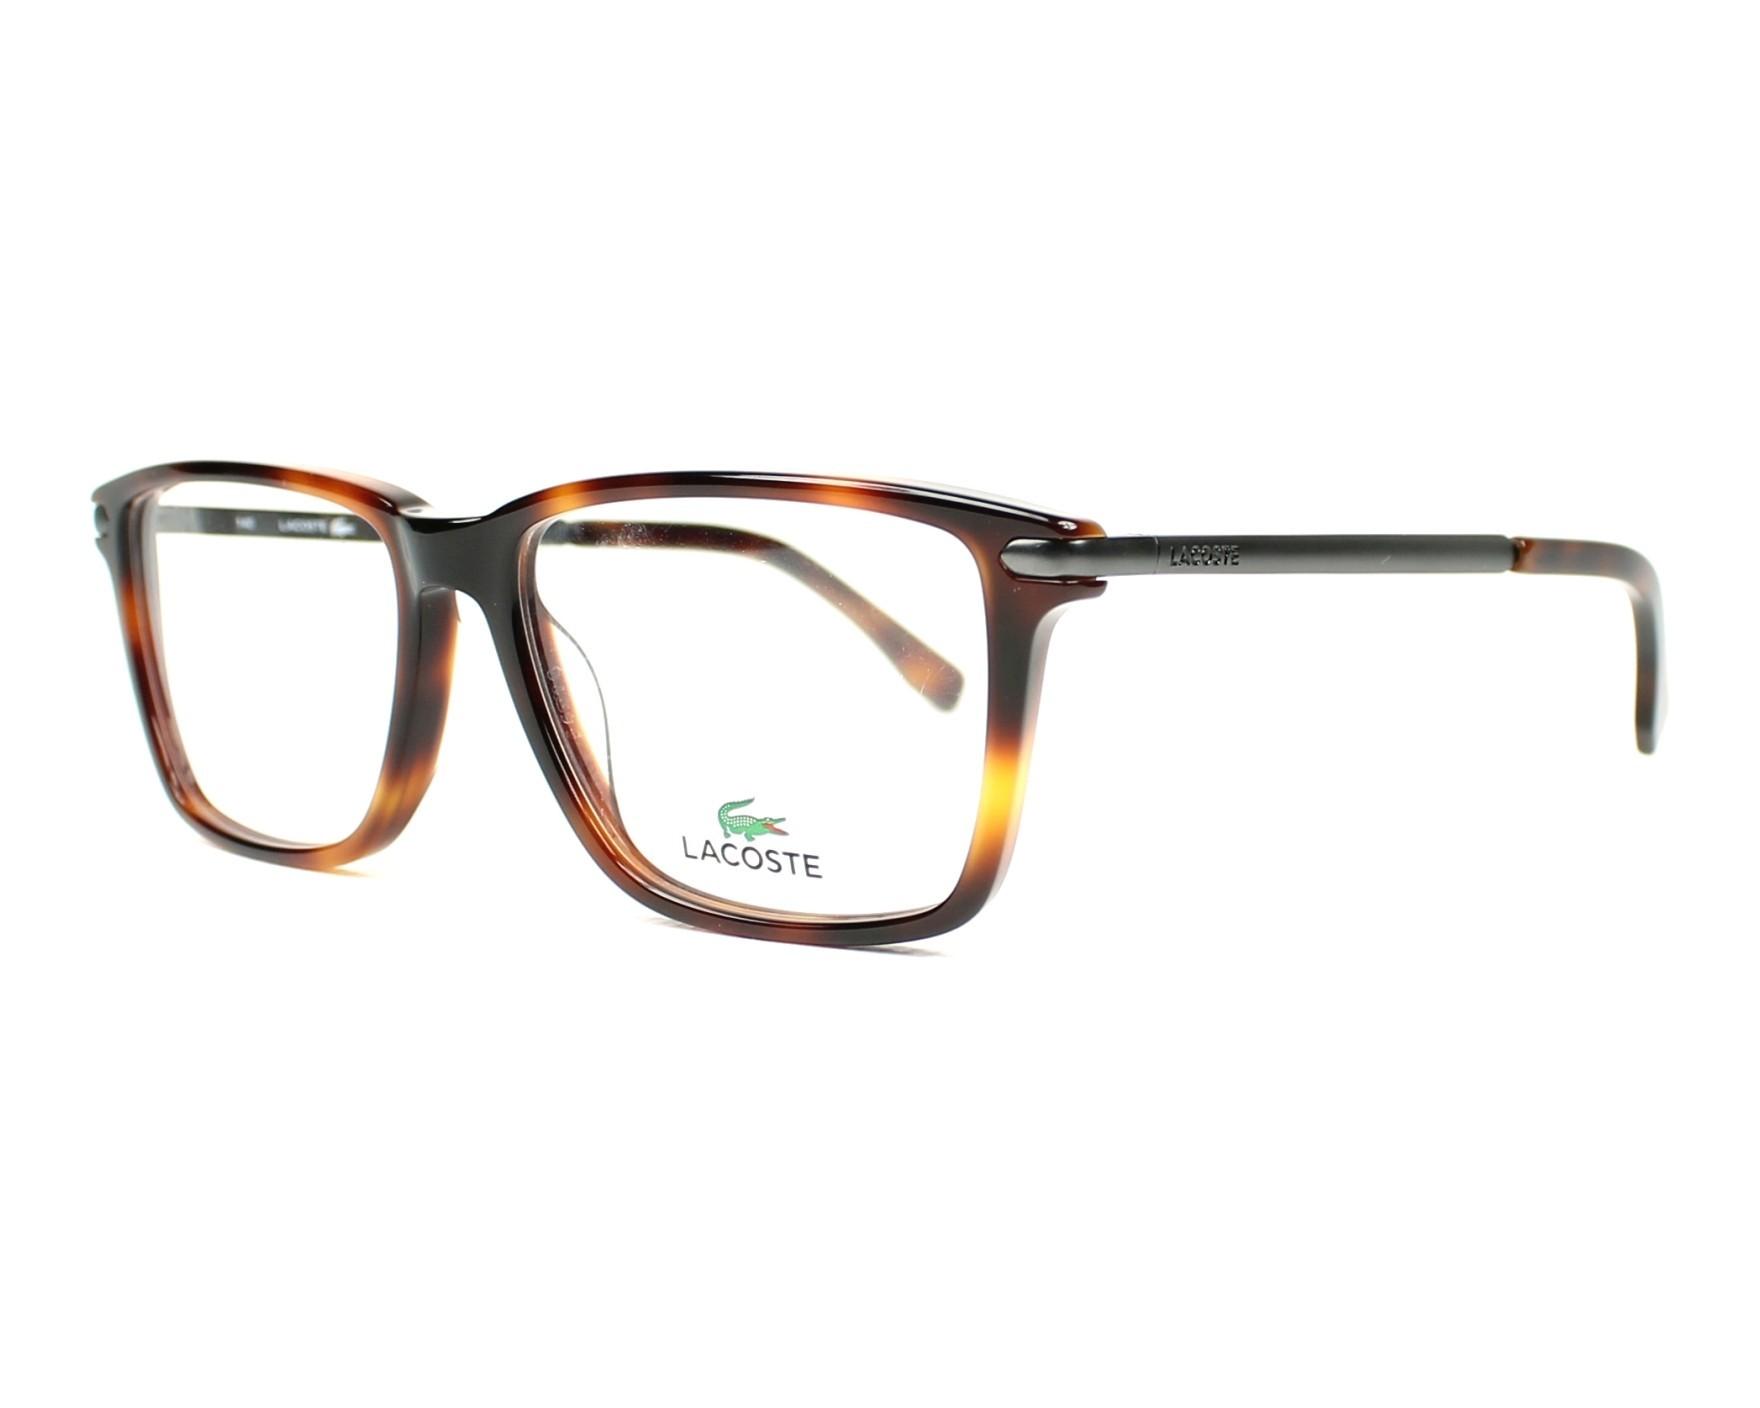 0518fe9462a64b Trouvez vos lunettes de vue Lacoste en promotion toute l année